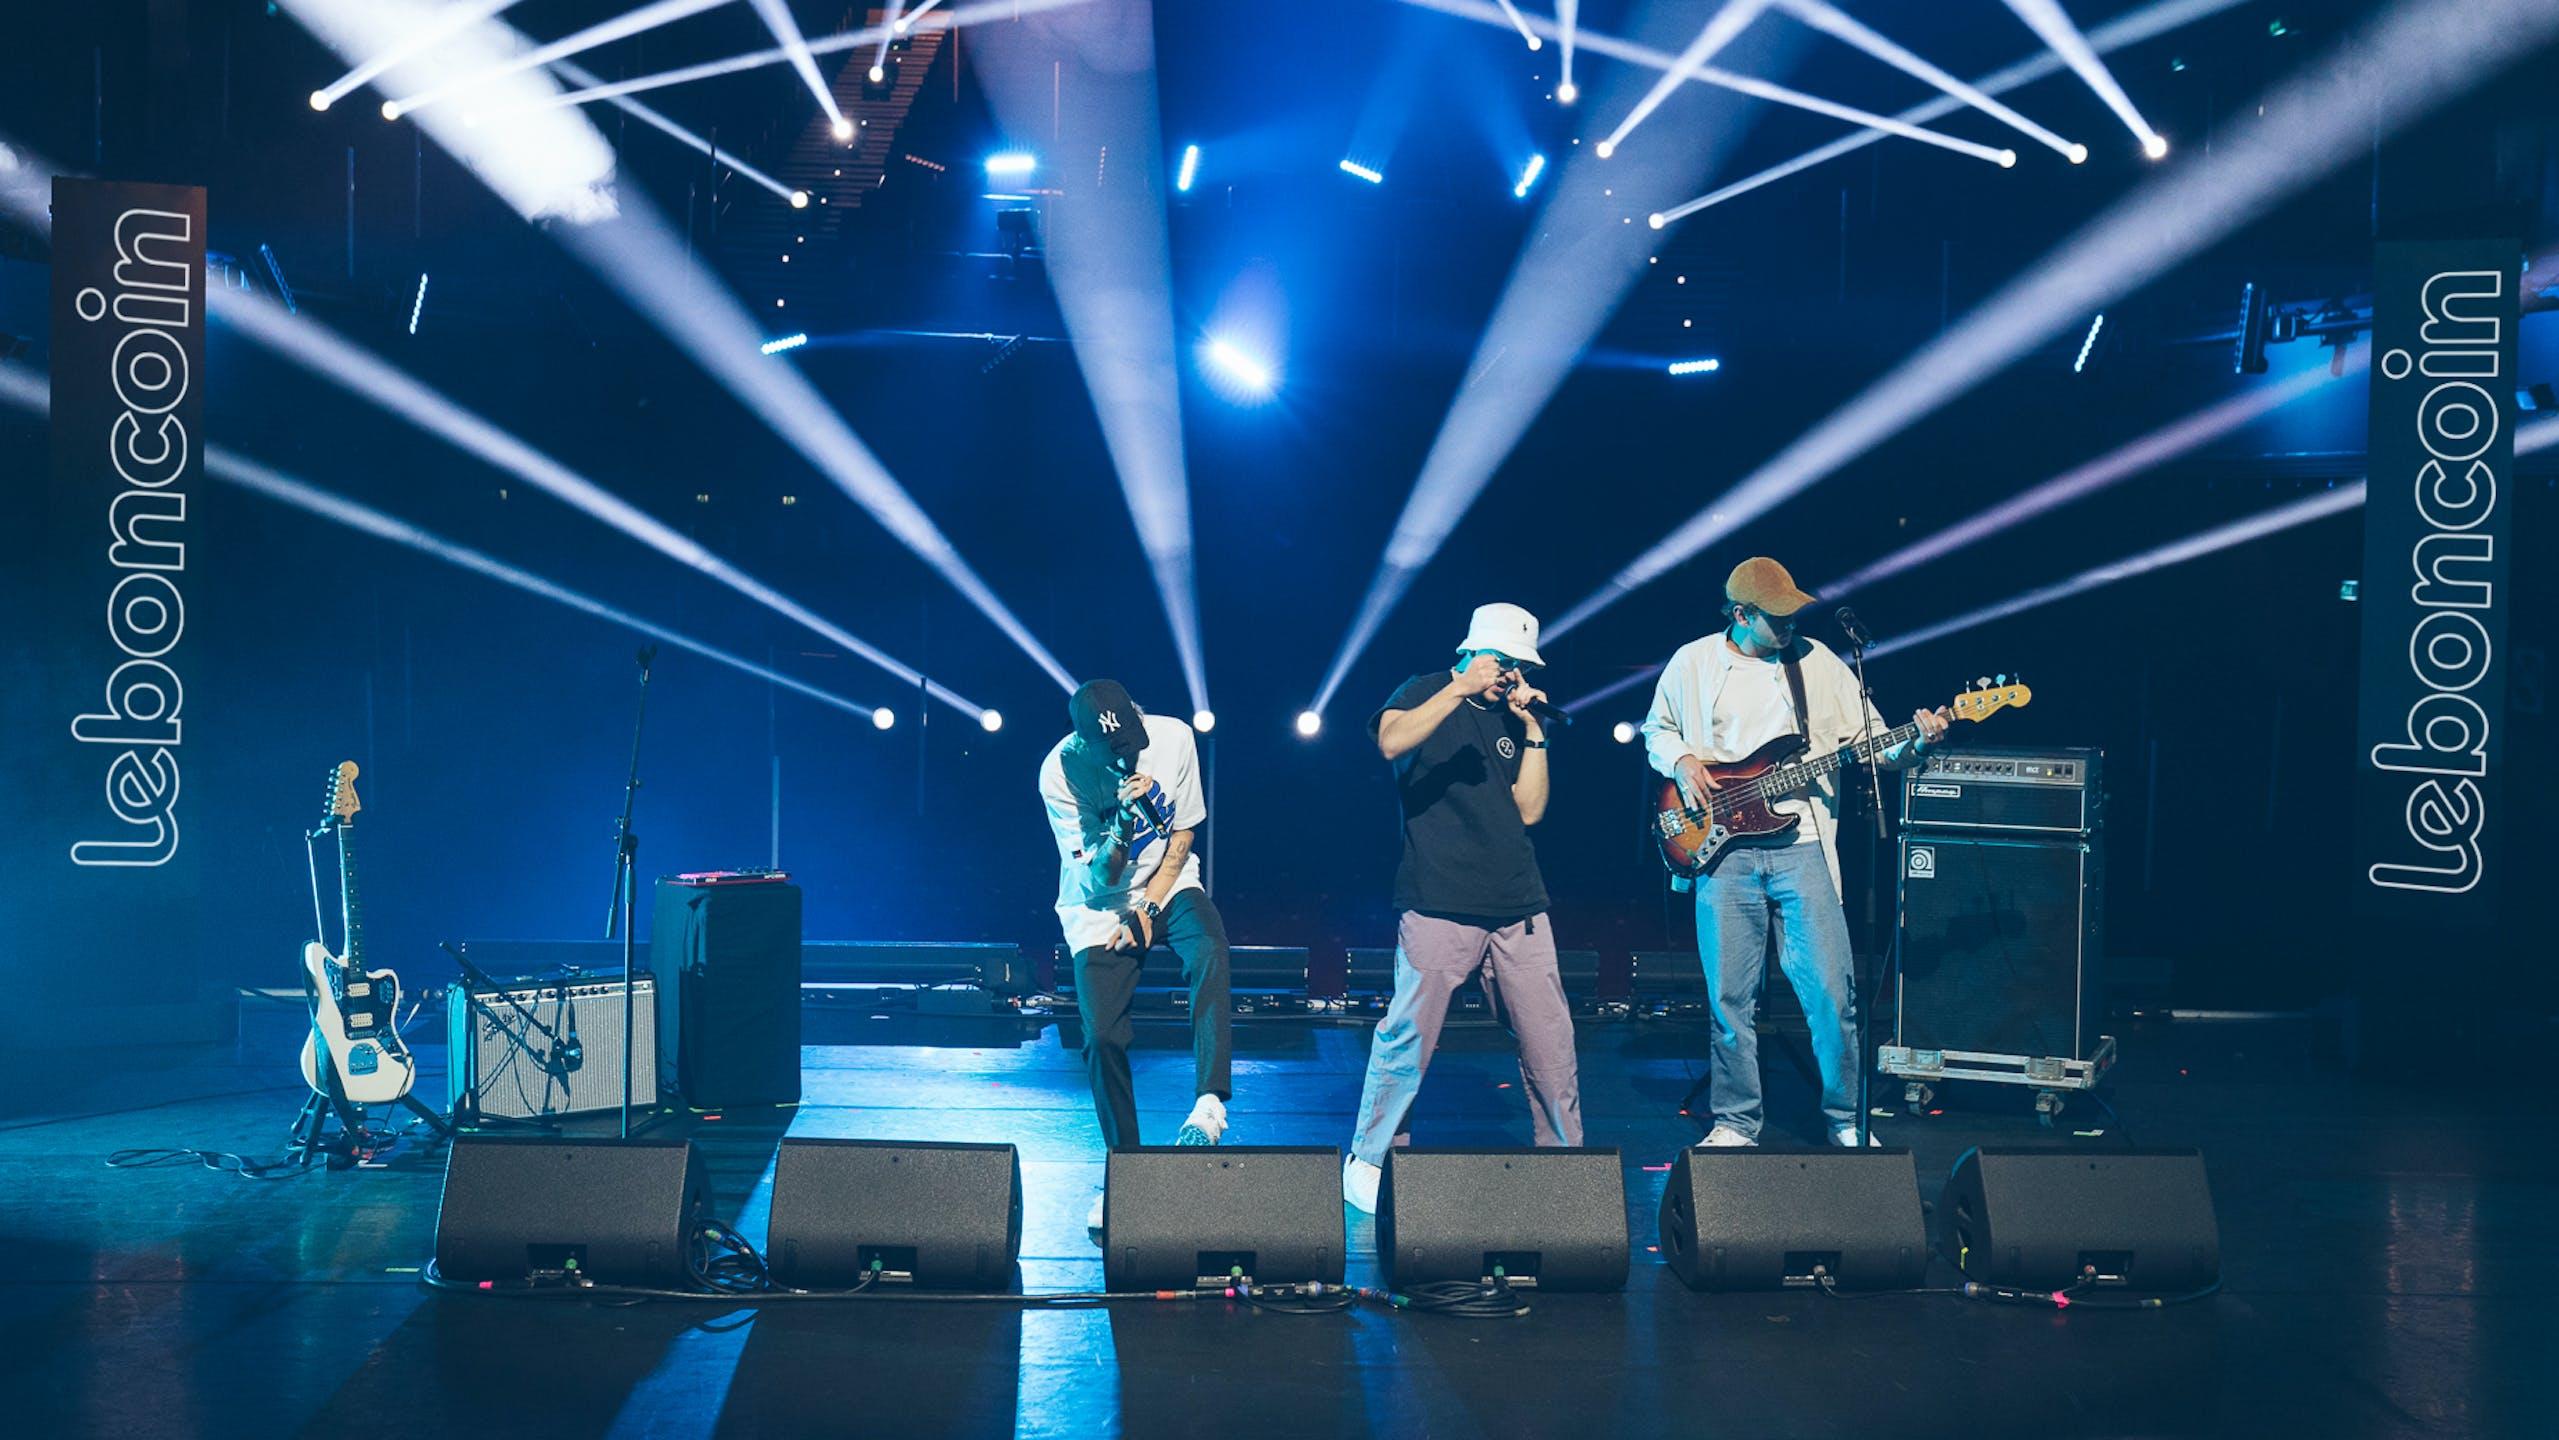 47Ter sur scène concert à l'Olympia